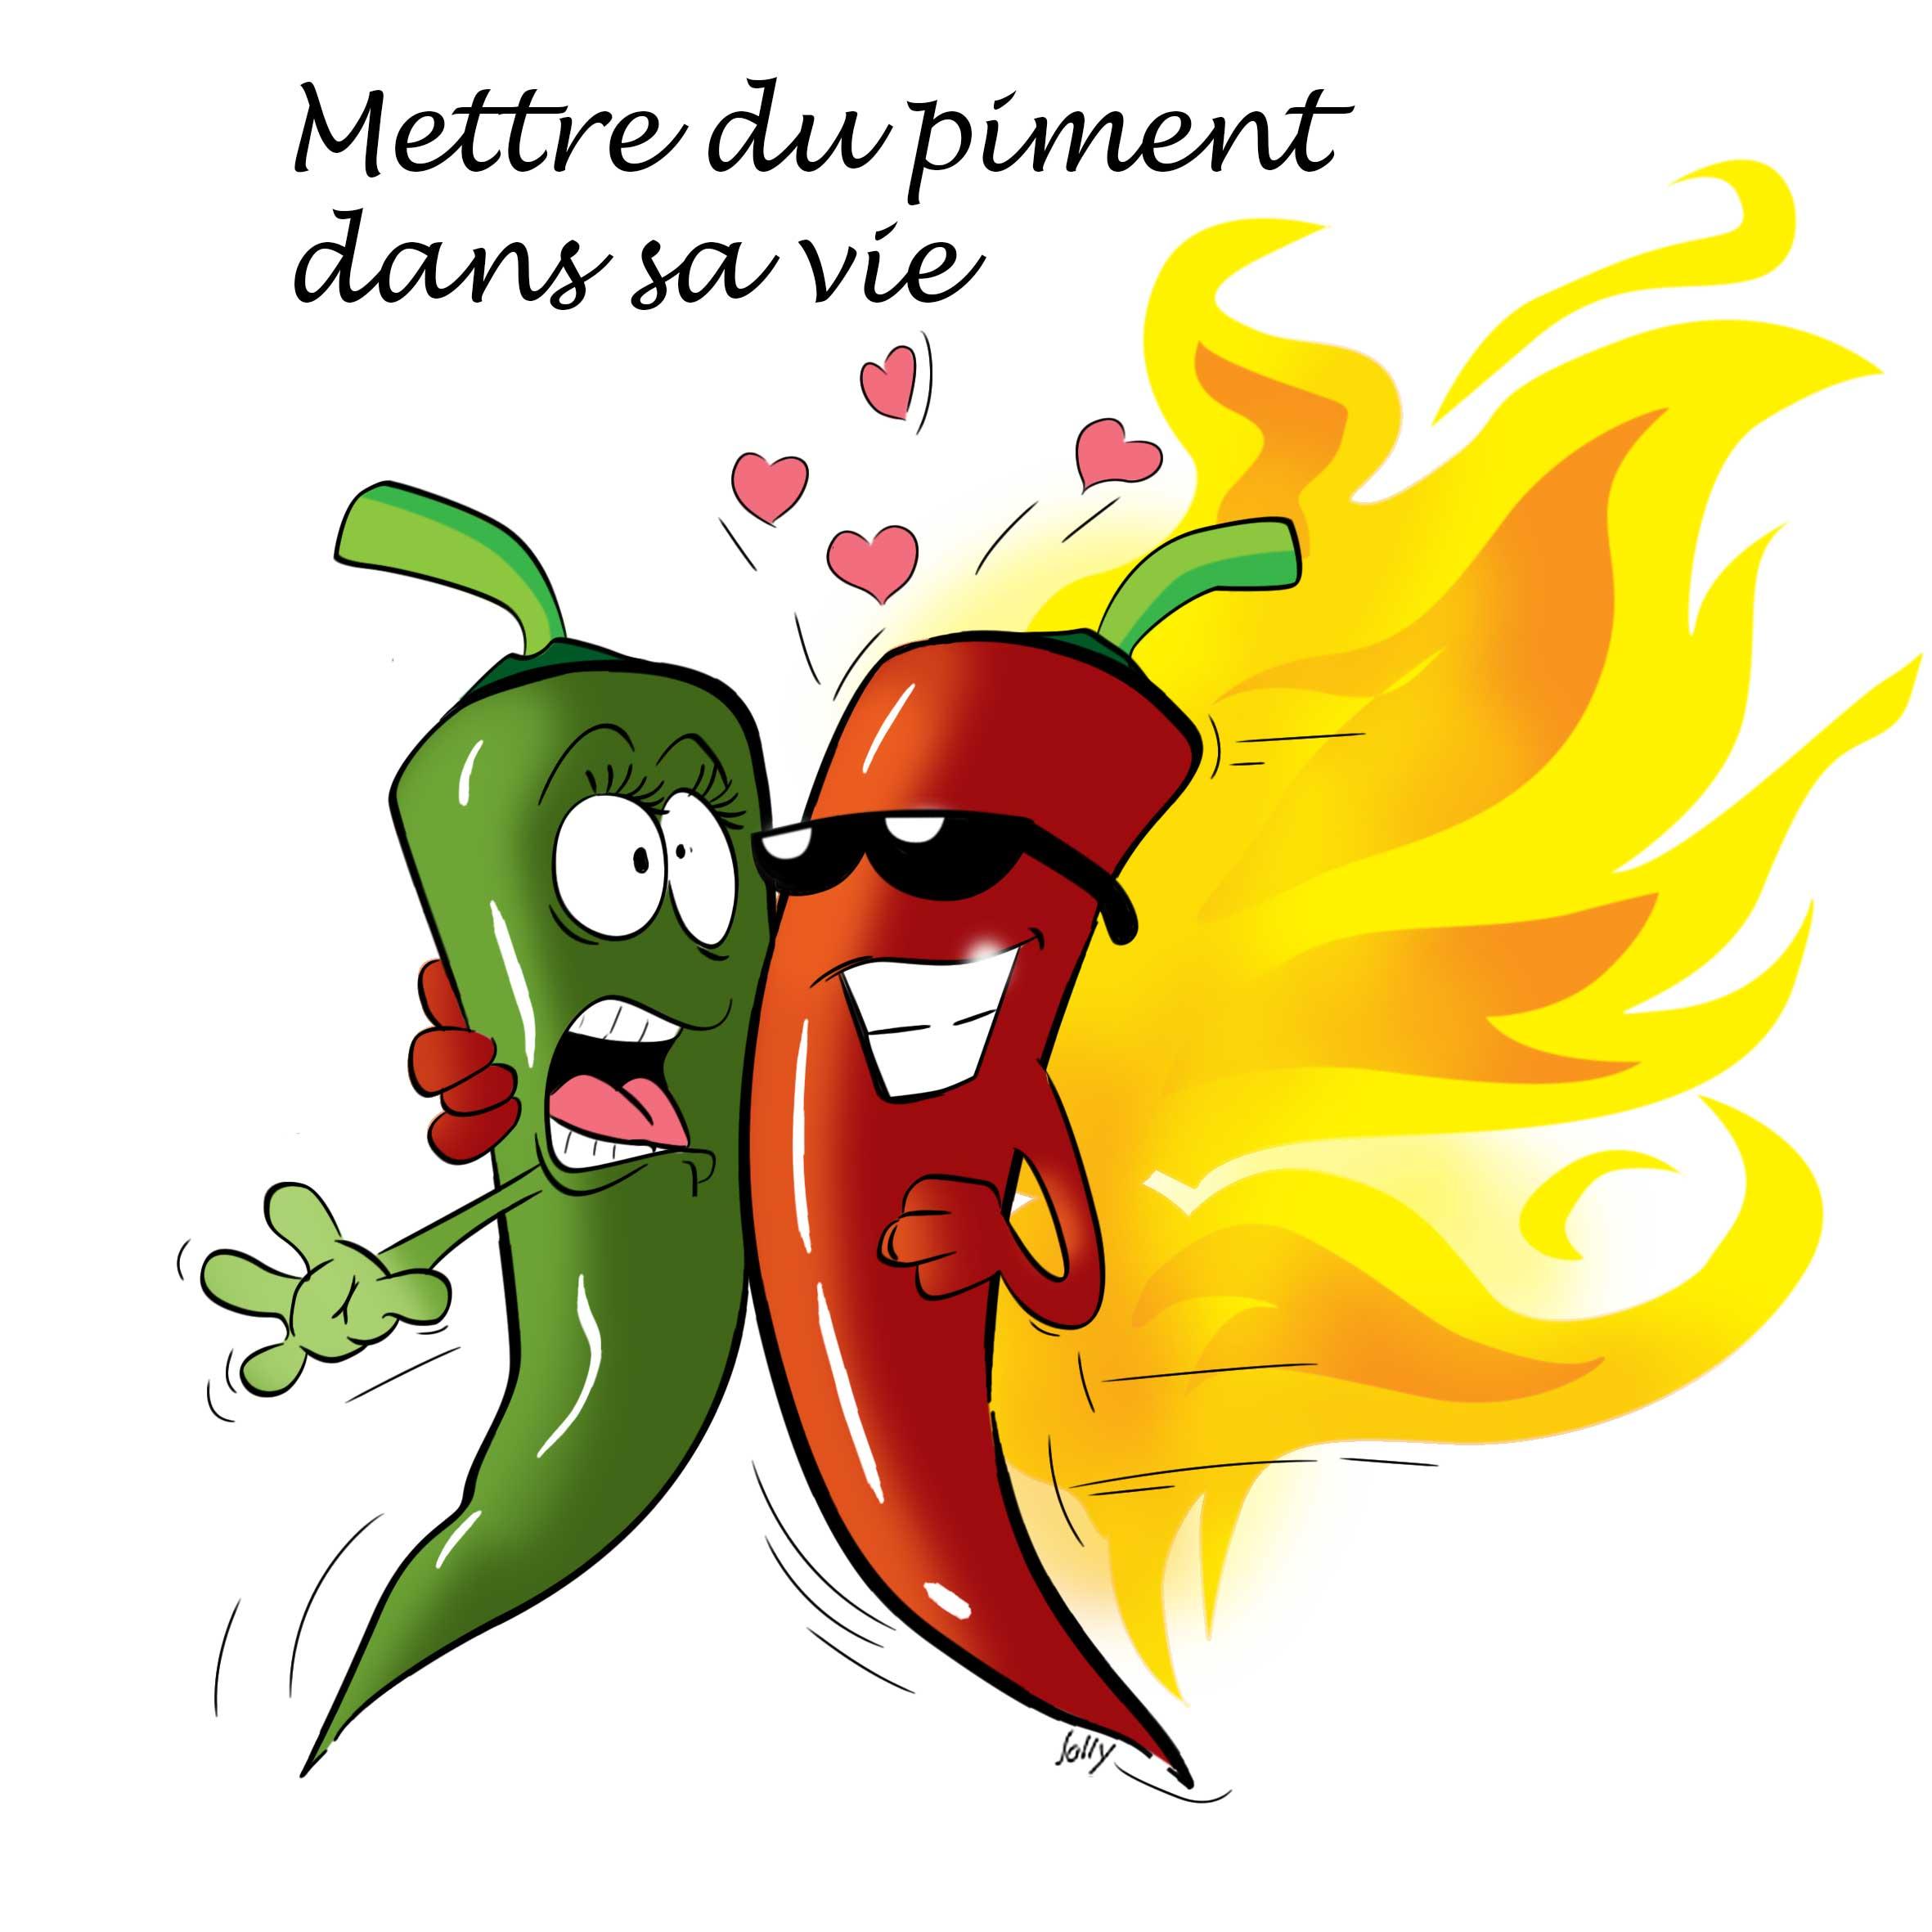 Mettre du piment dans sa vie de jolimage illustrateur - Dessin piment ...